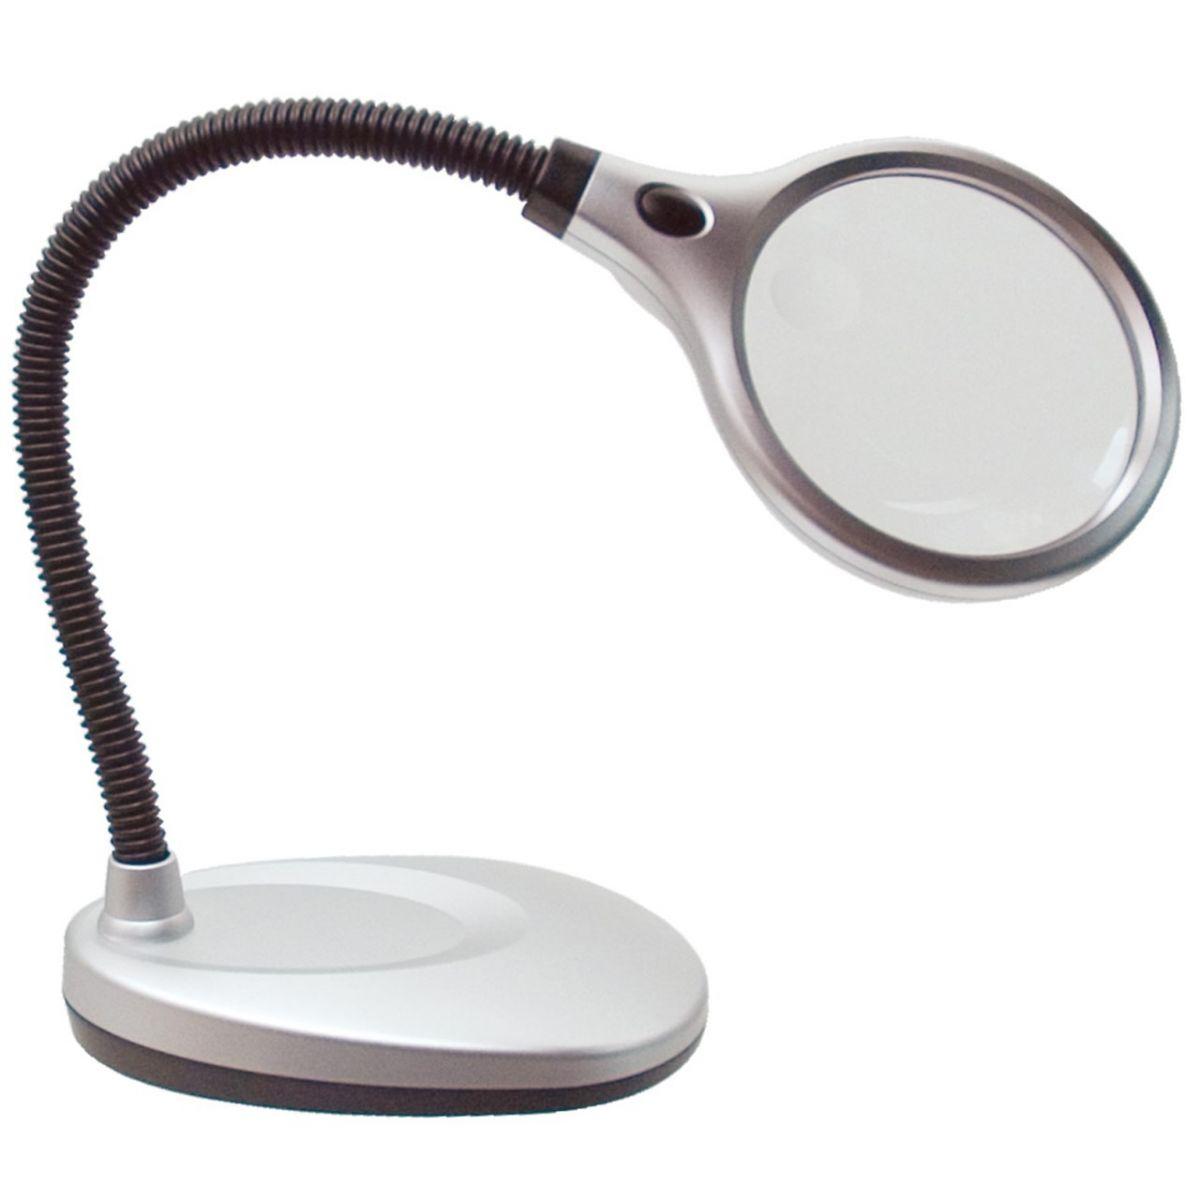 Lupa de Mesa 2X com Haste Flexivel e Iluminação LED